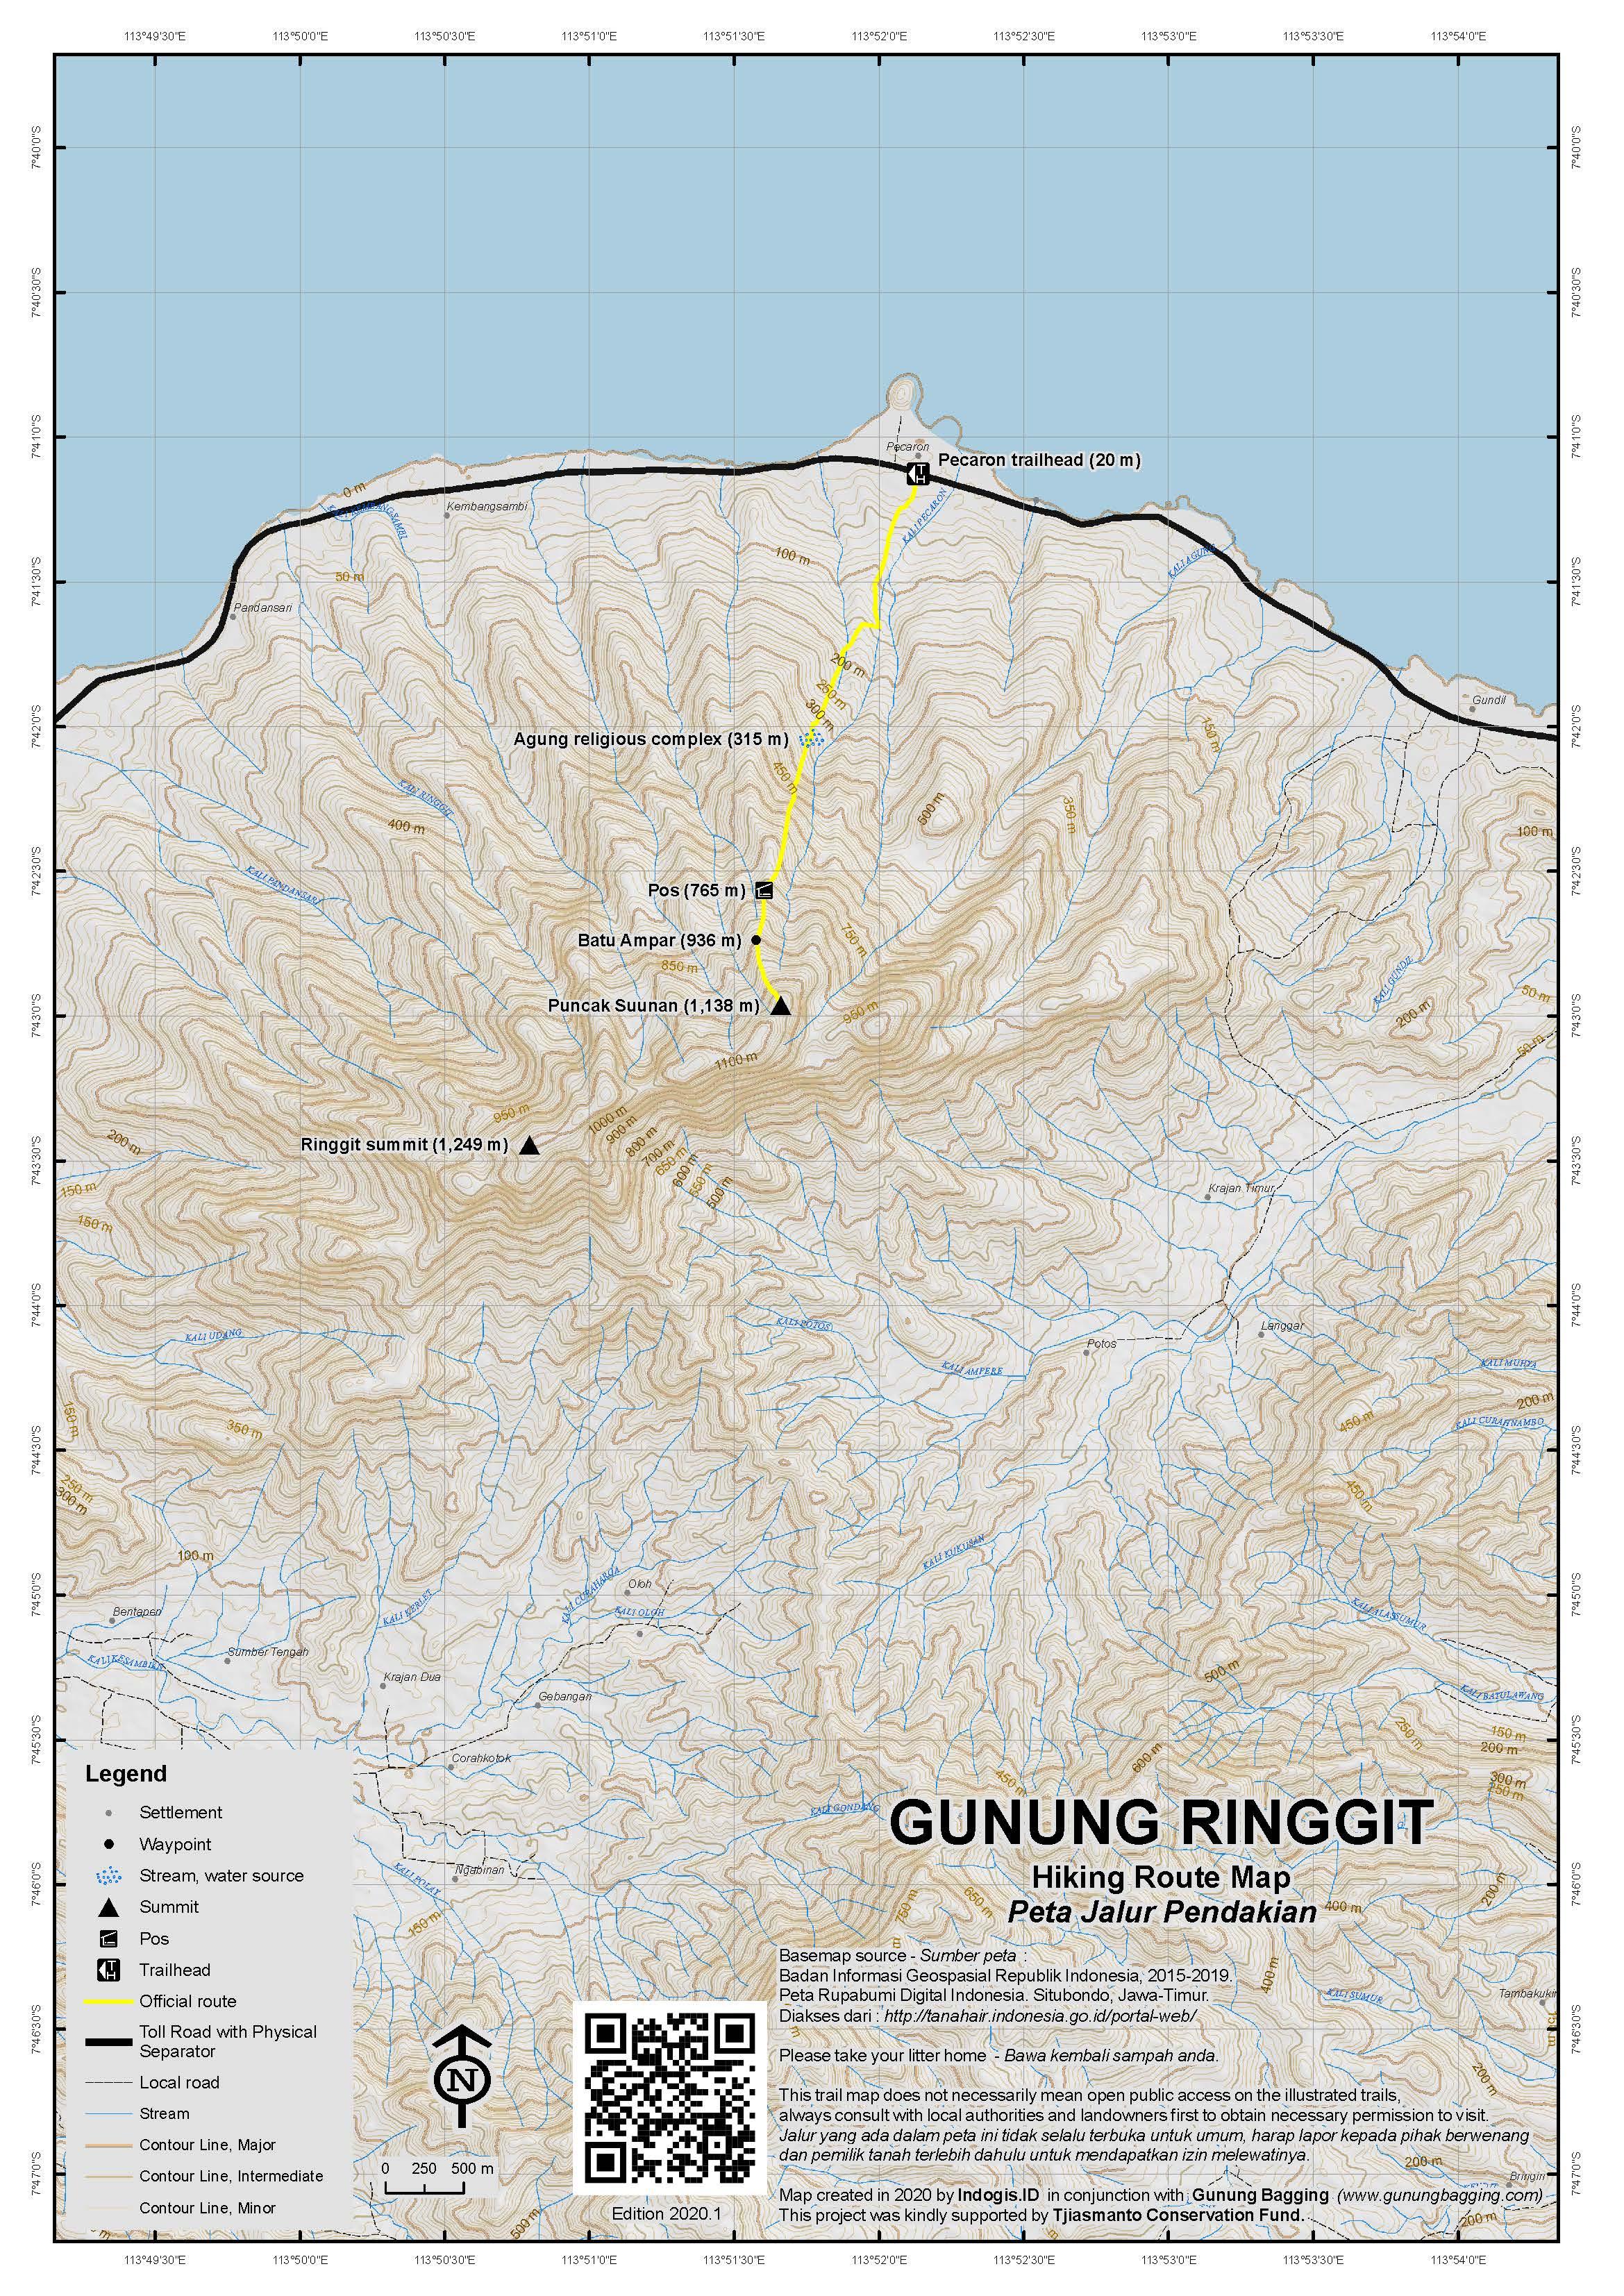 Peta Jalur Pendakian Gunung Ringgit